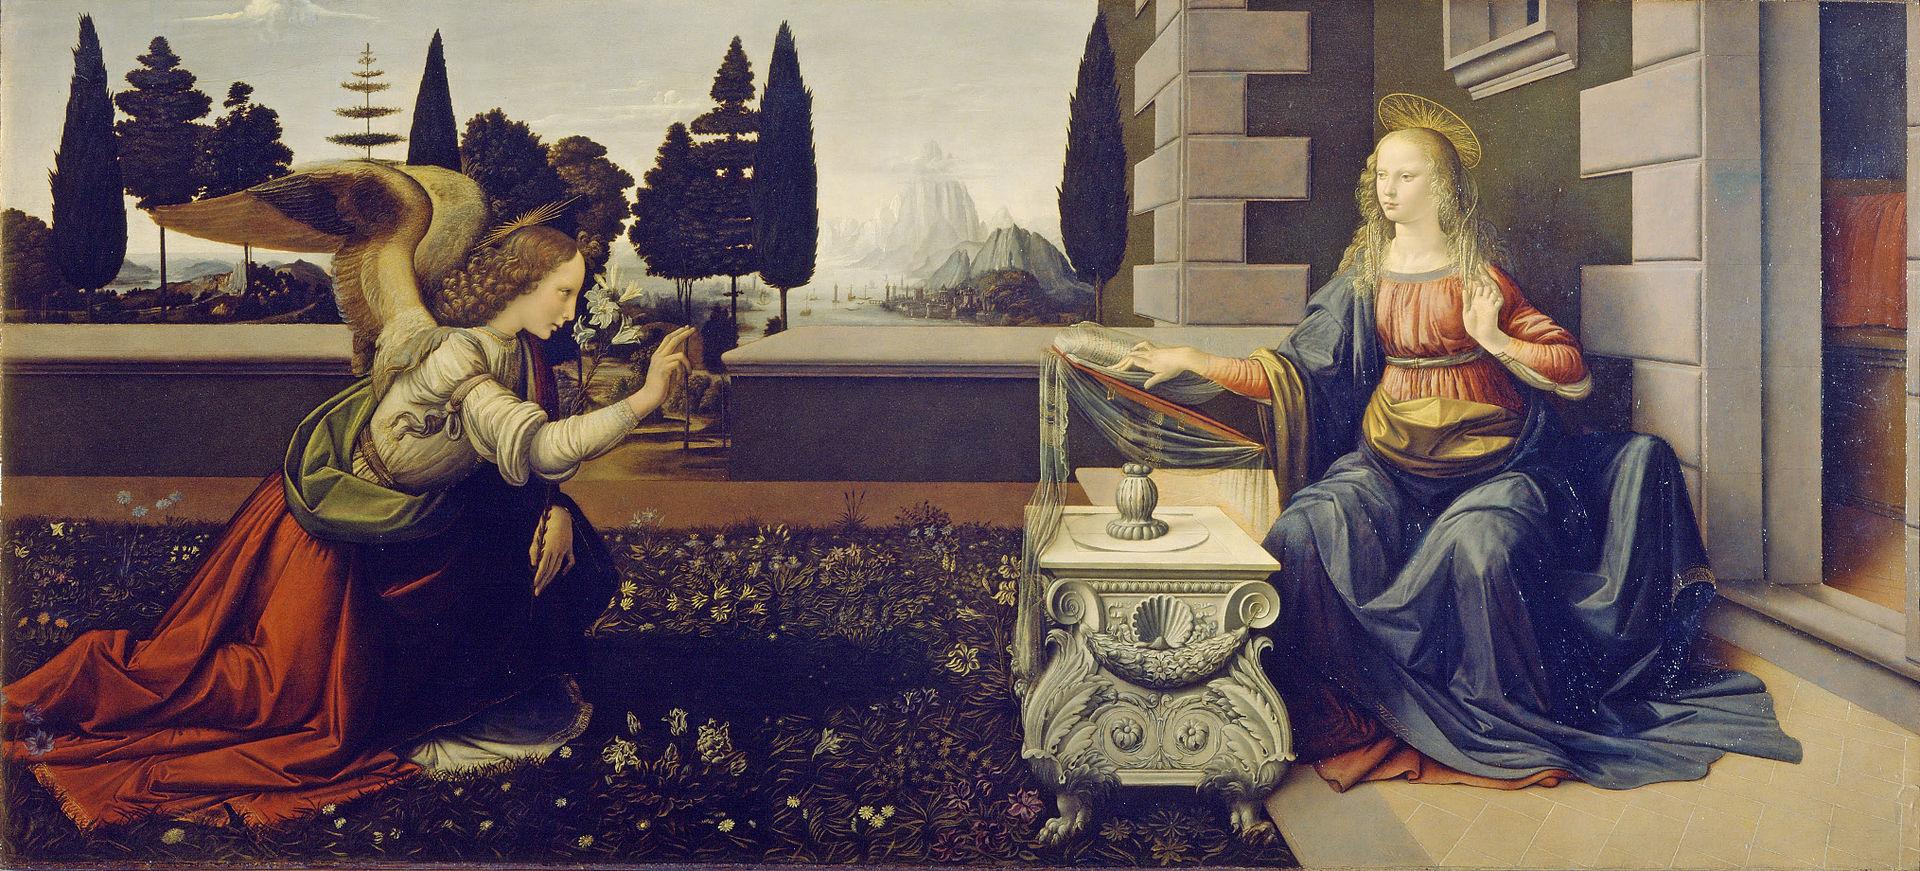 Annunciation by Leonardo da Vinci